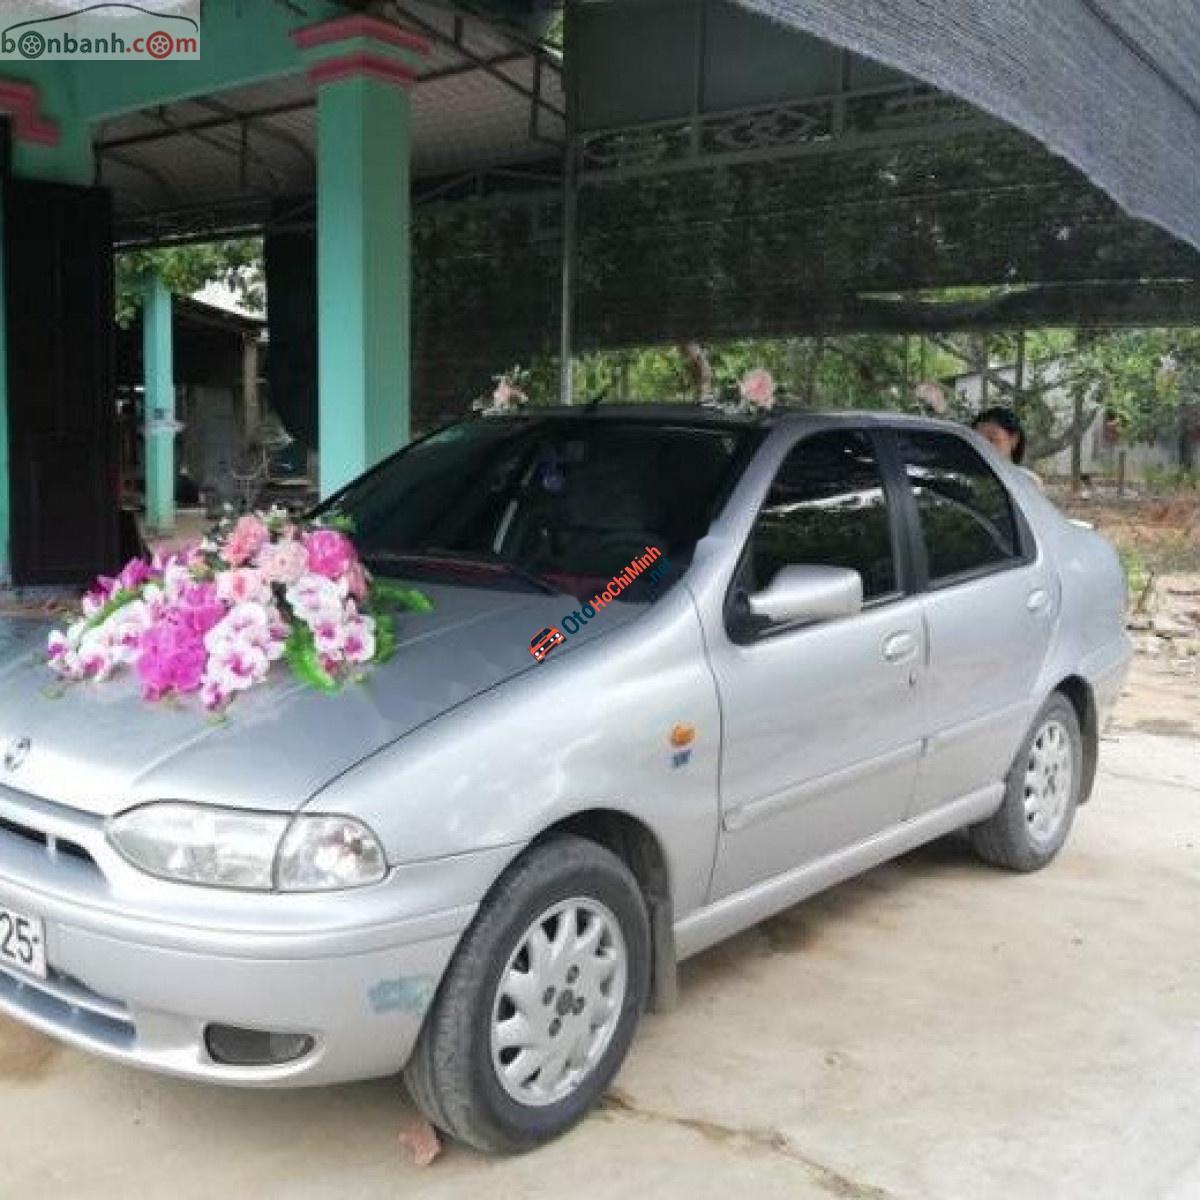 Cần bán gấp Fiat Siena HLX 1.6 năm 2003, màu bạc